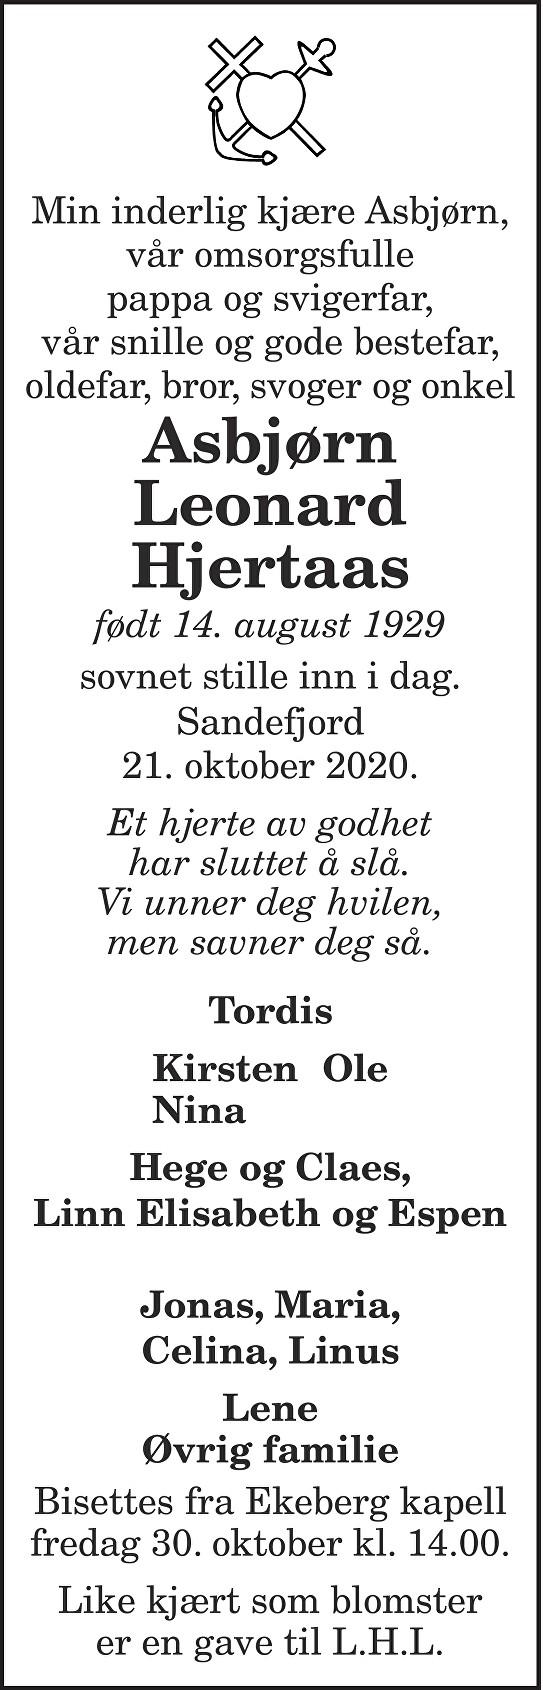 Asbjørn Leonard Hjertaas Dødsannonse